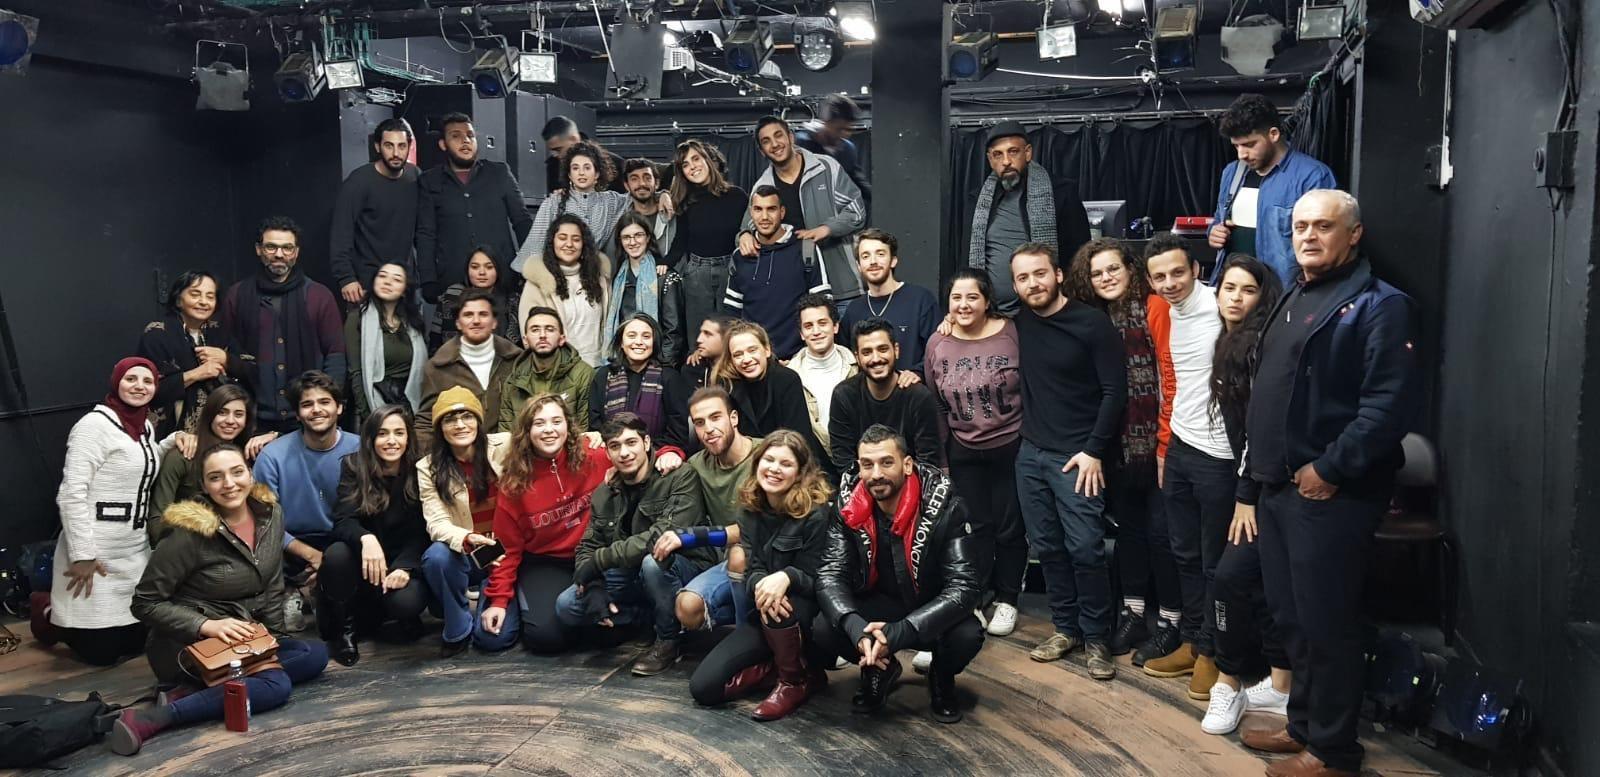 תלמידי המכינה של מרכז הפרינג' בנצרת, שהיא שלוחה של הסטודיו, ביקרו בתל אביב לצפיה בהצגות הסטודיו ושיחה עם סטודנטים